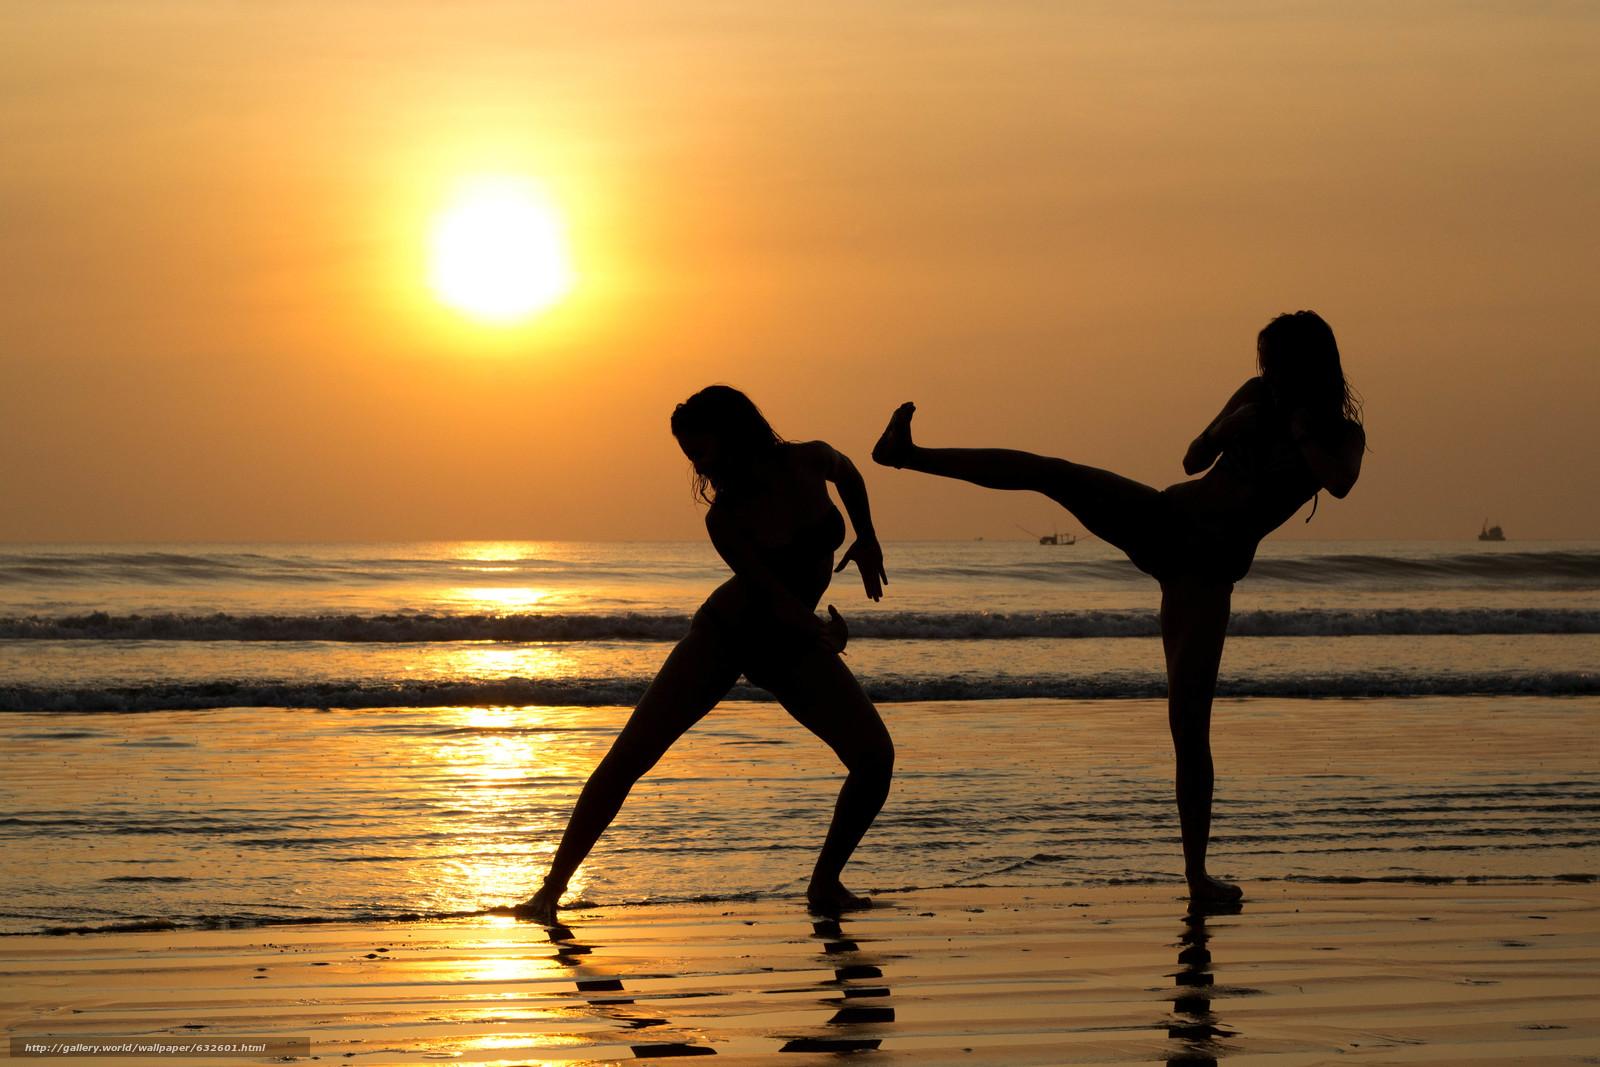 Скачать обои закат,  море,  силуэты девушек,  настроения бесплатно для рабочего стола в разрешении 4992x3328 — картинка №632601